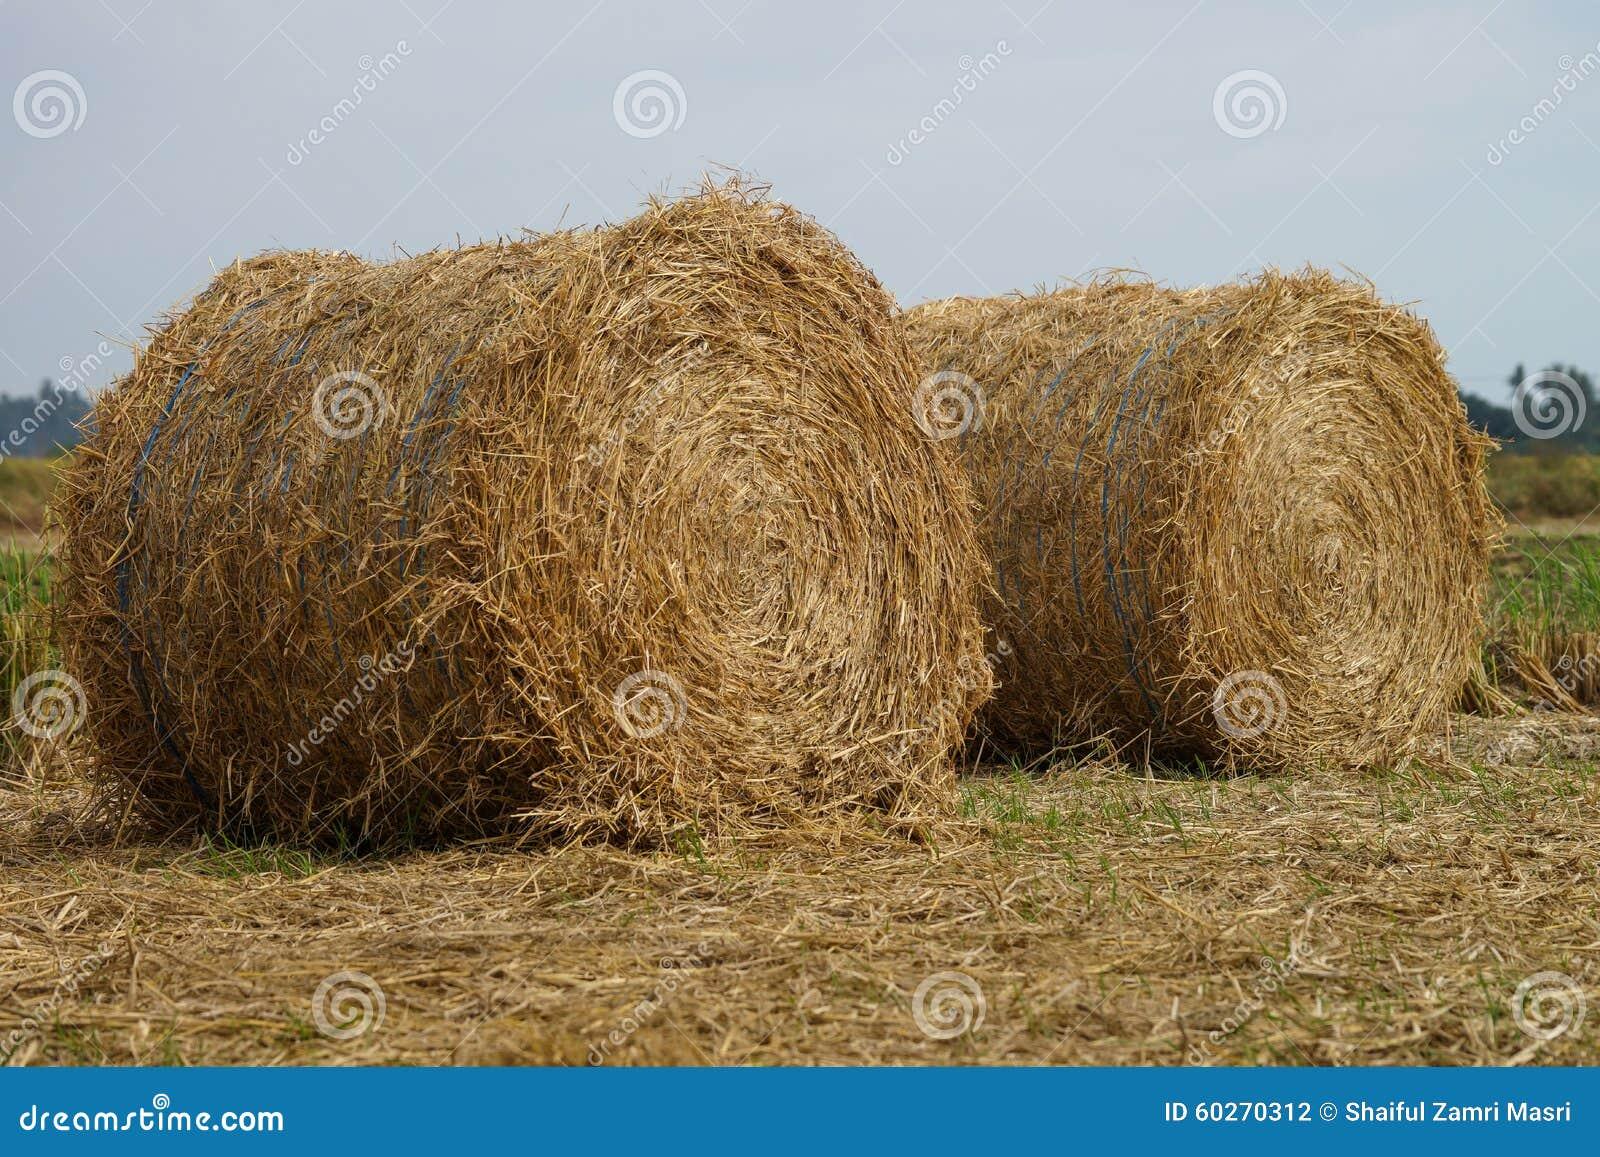 稻干草堆在沙白安南县